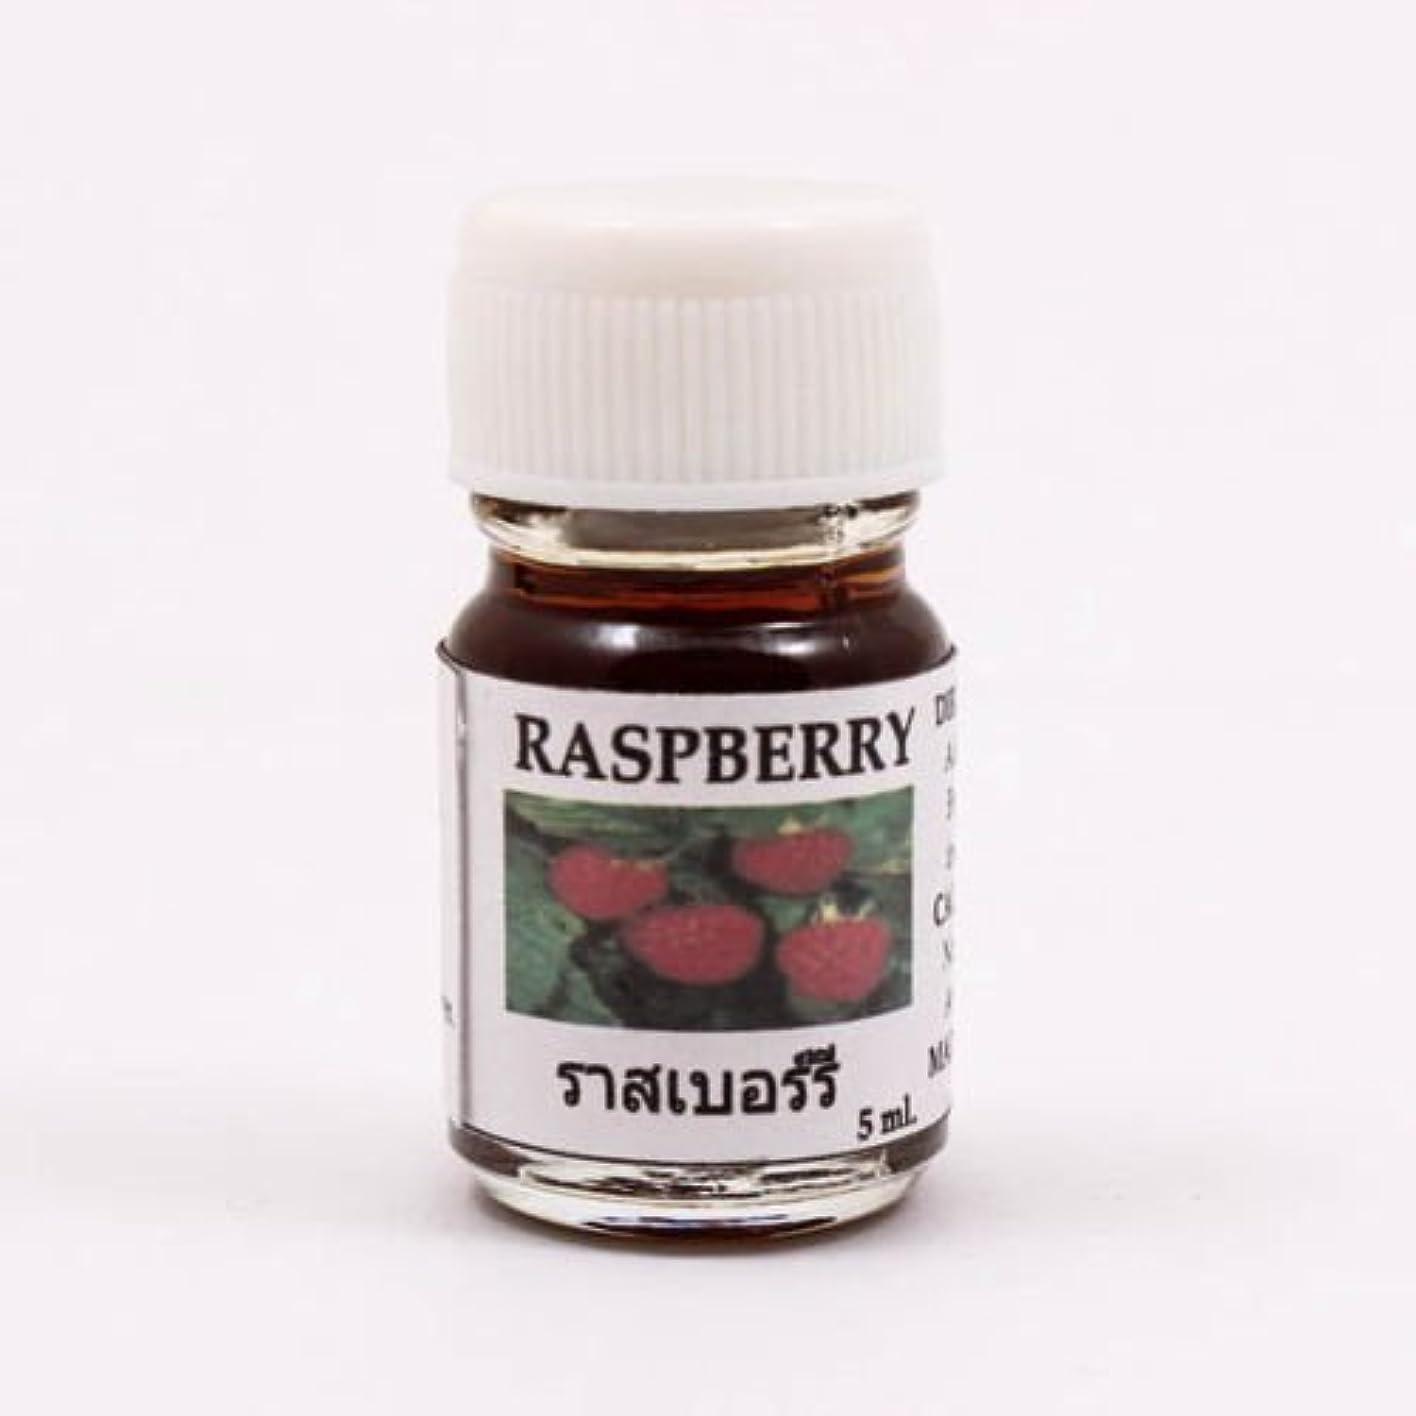 本体めまい独立して6X Raspberry Aroma Fragrance Essential Oil 5ML cc Diffuser Burner Therapy